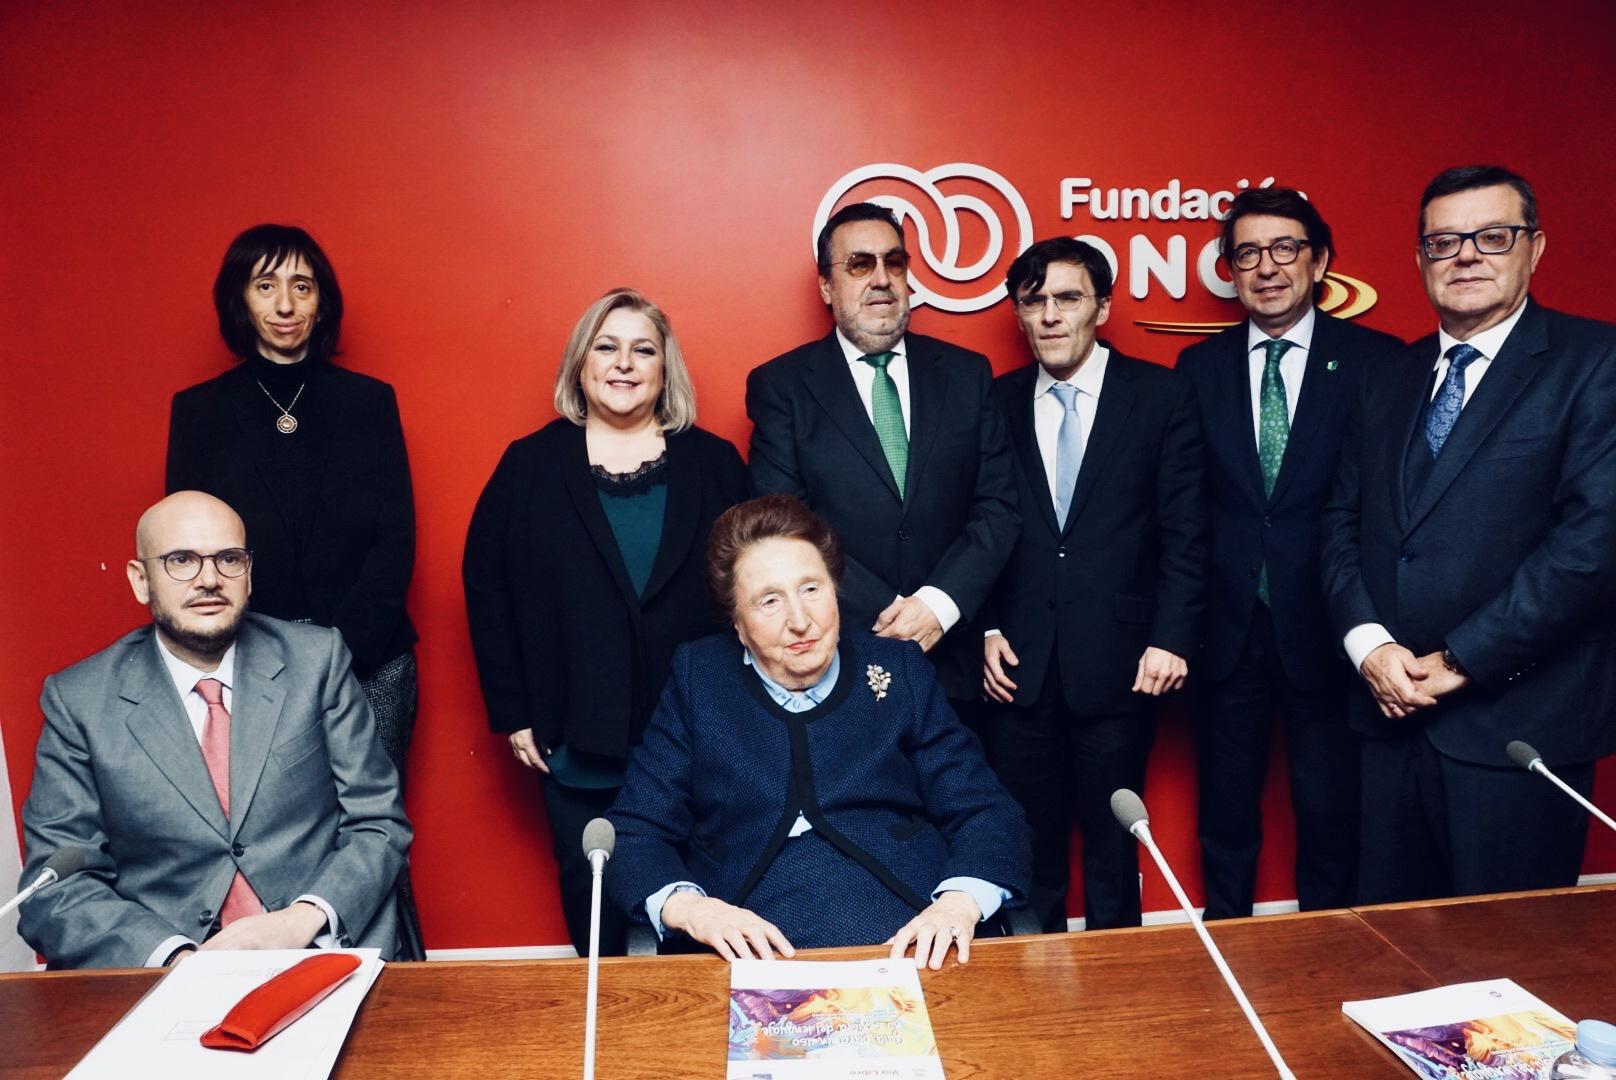 Impulso de la I+D+I para mejorar la calidad de vida de las personas con discapacidad. Patronato de la Fundación ONCE. Diciembre 2018